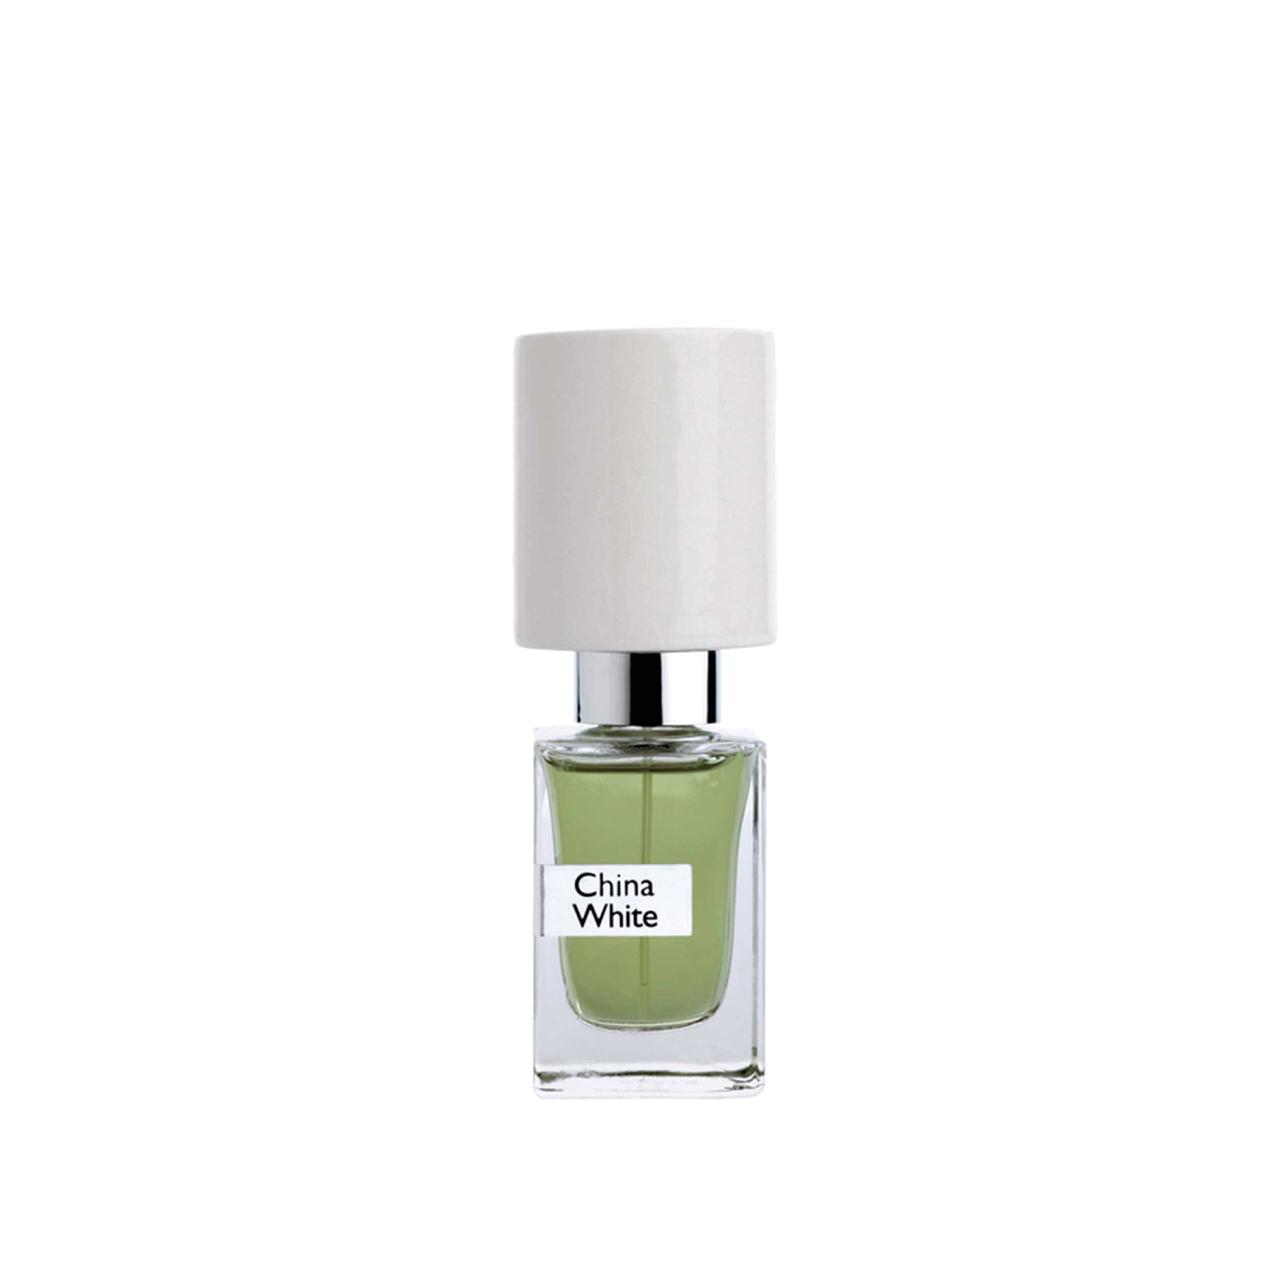 China White - Extrait de Parfum